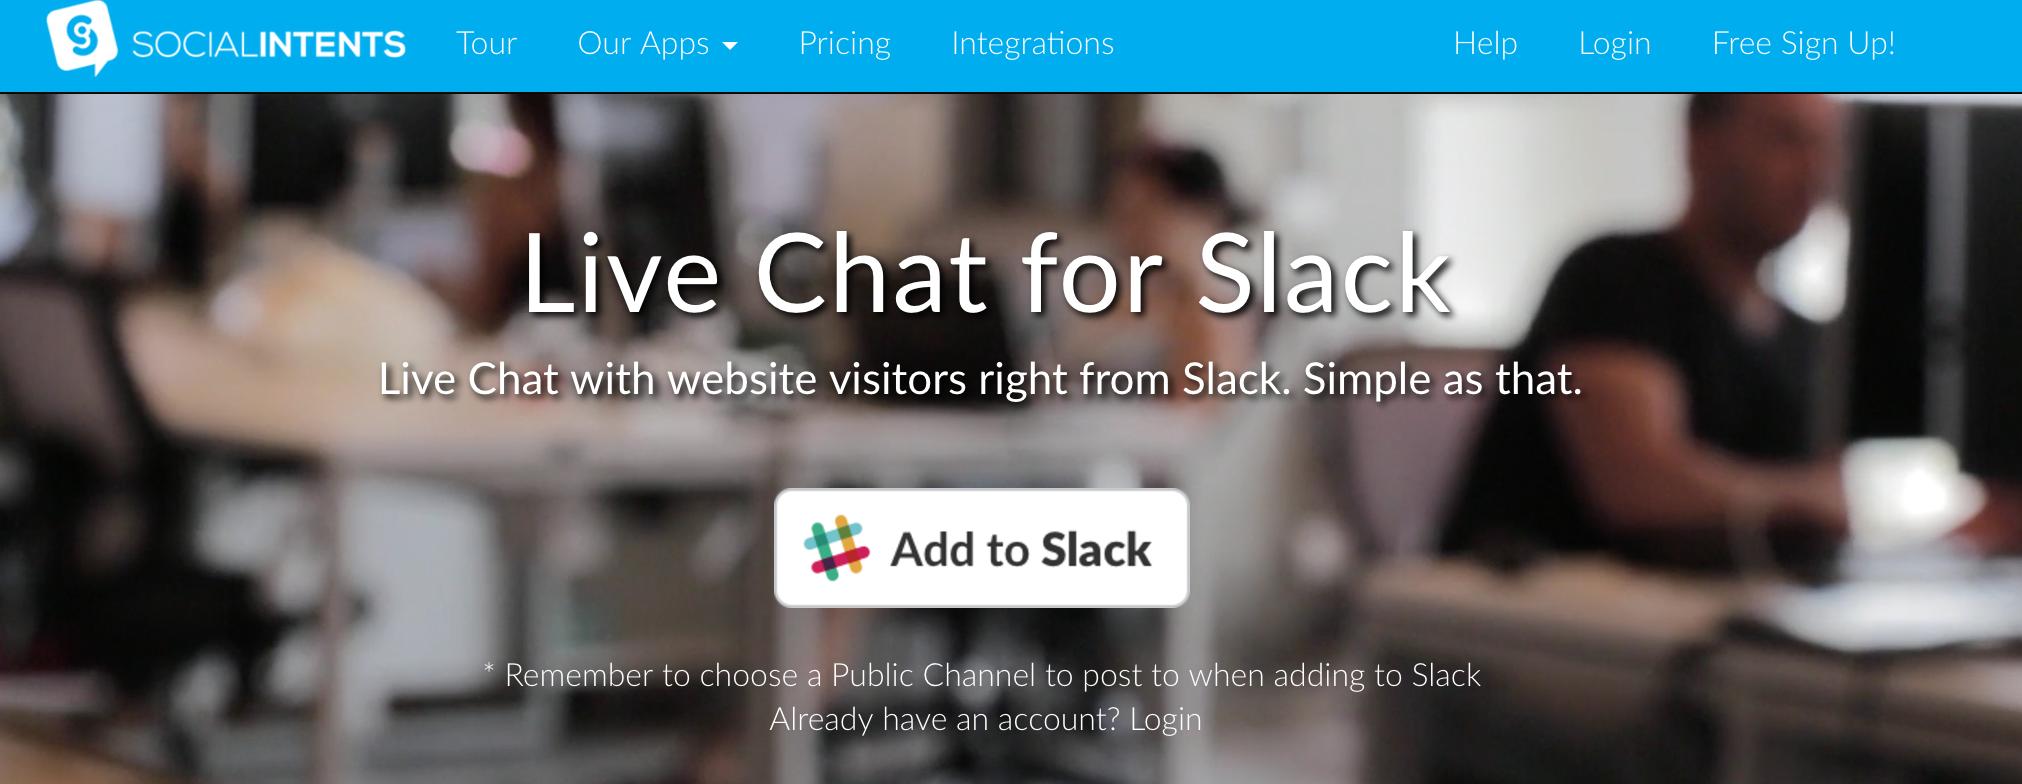 Slack Integration - Social Intents Knowledge Base